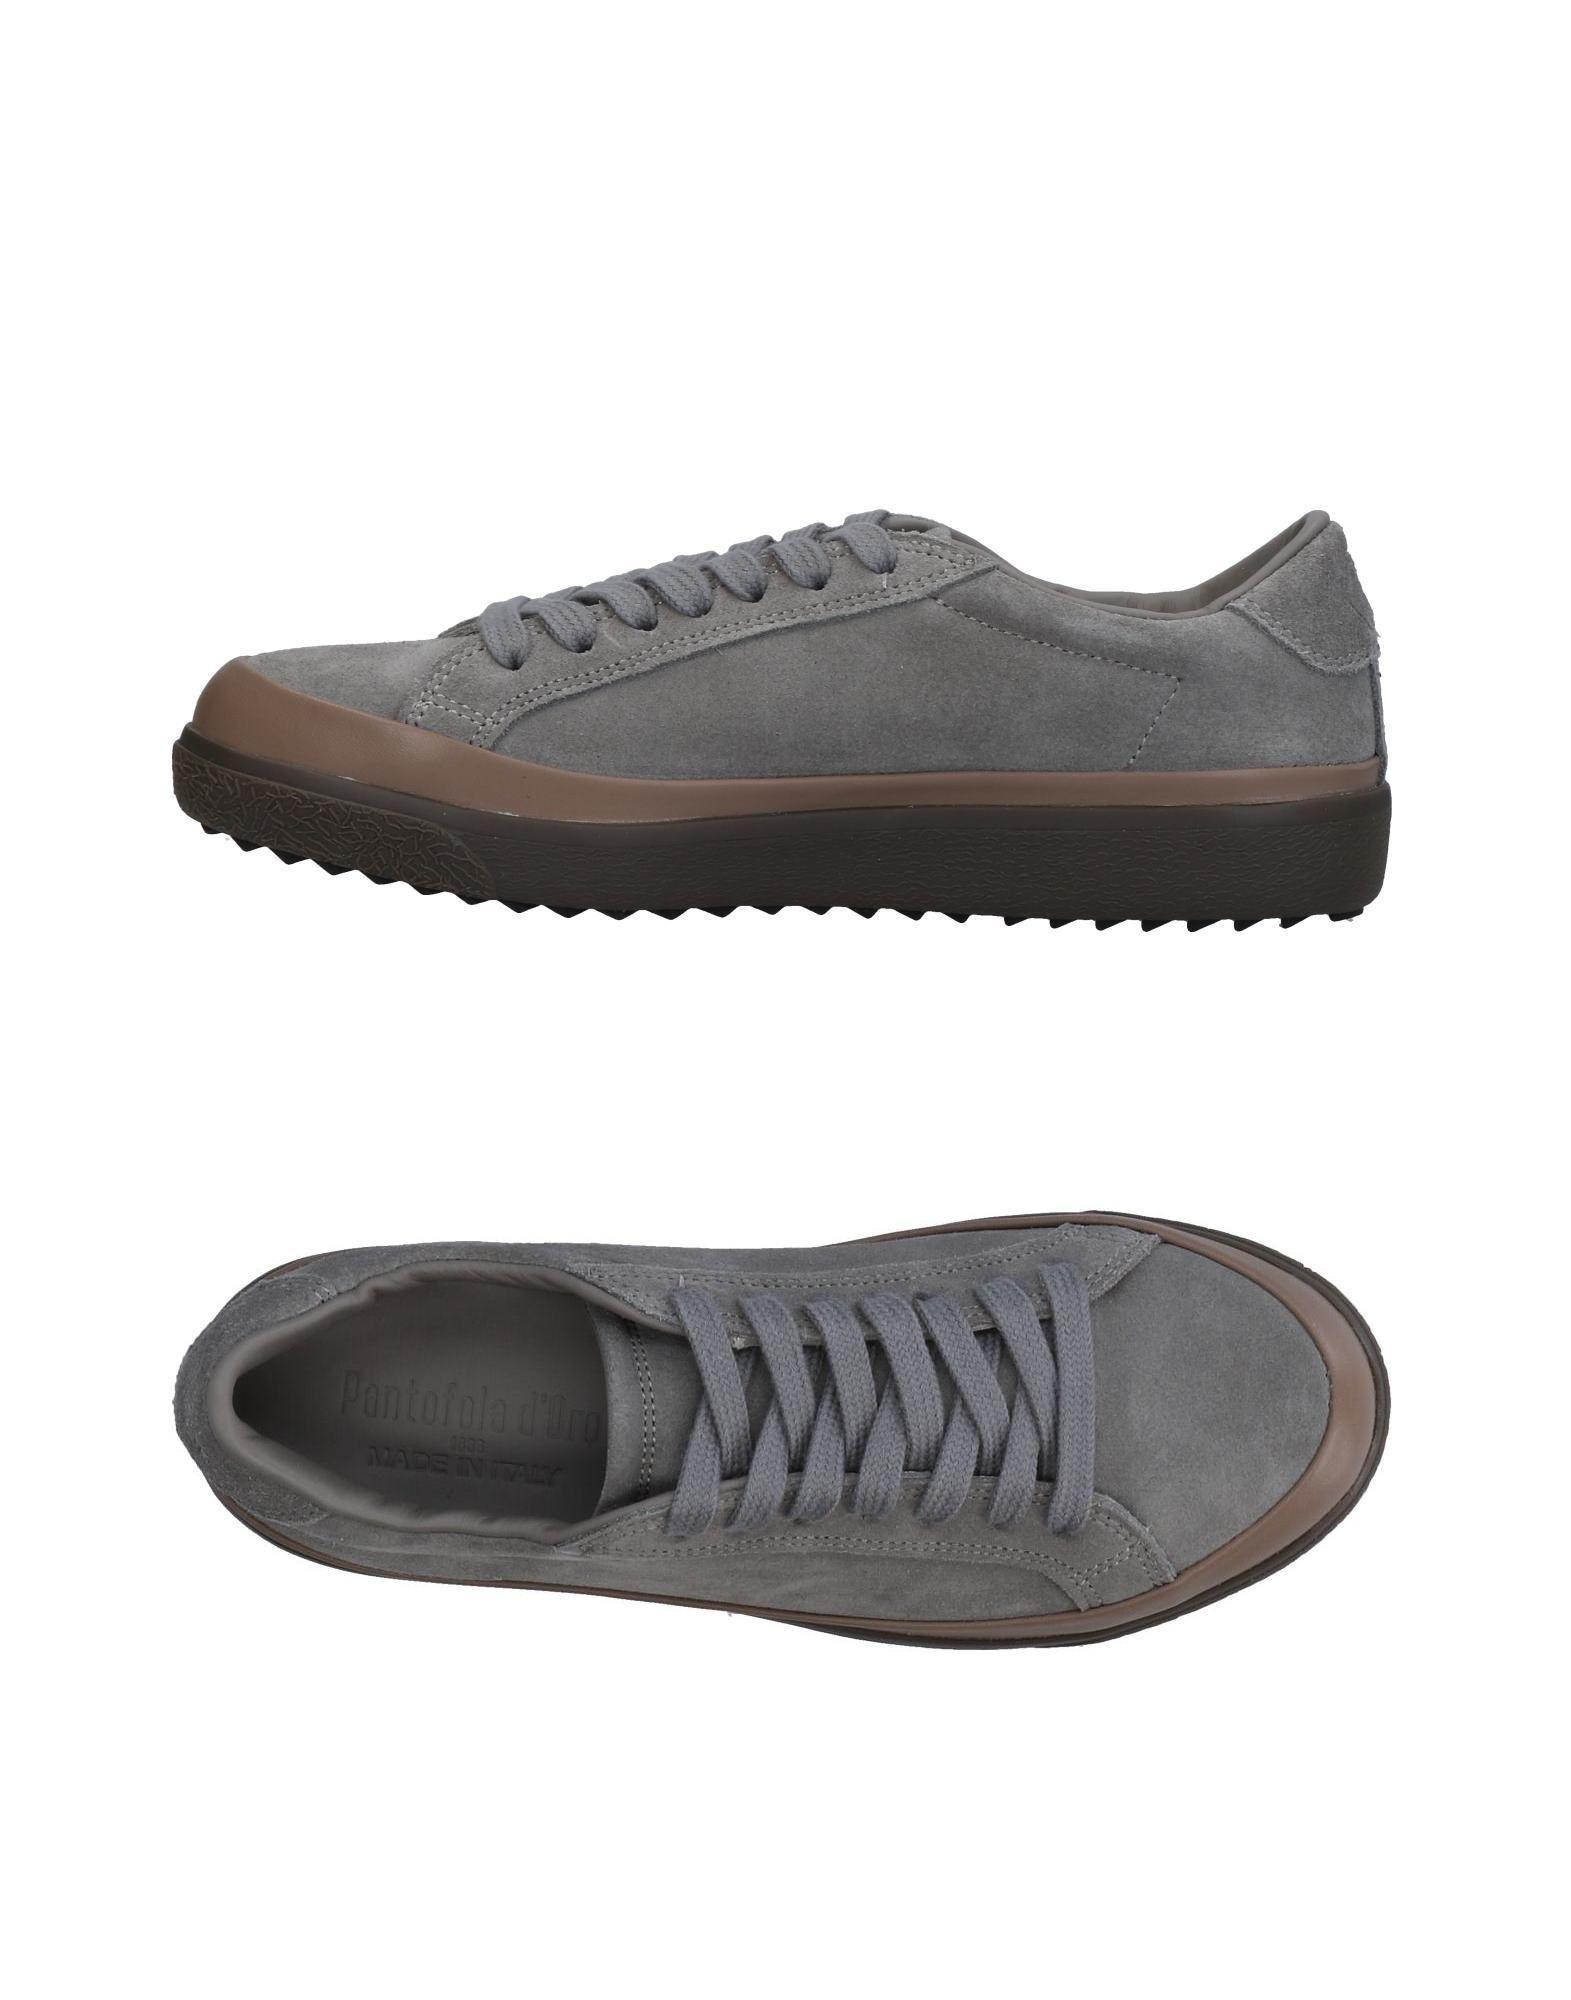 Pantofola D'oro Sneakers Damen 11457054OX  11457054OX Damen 2597ff